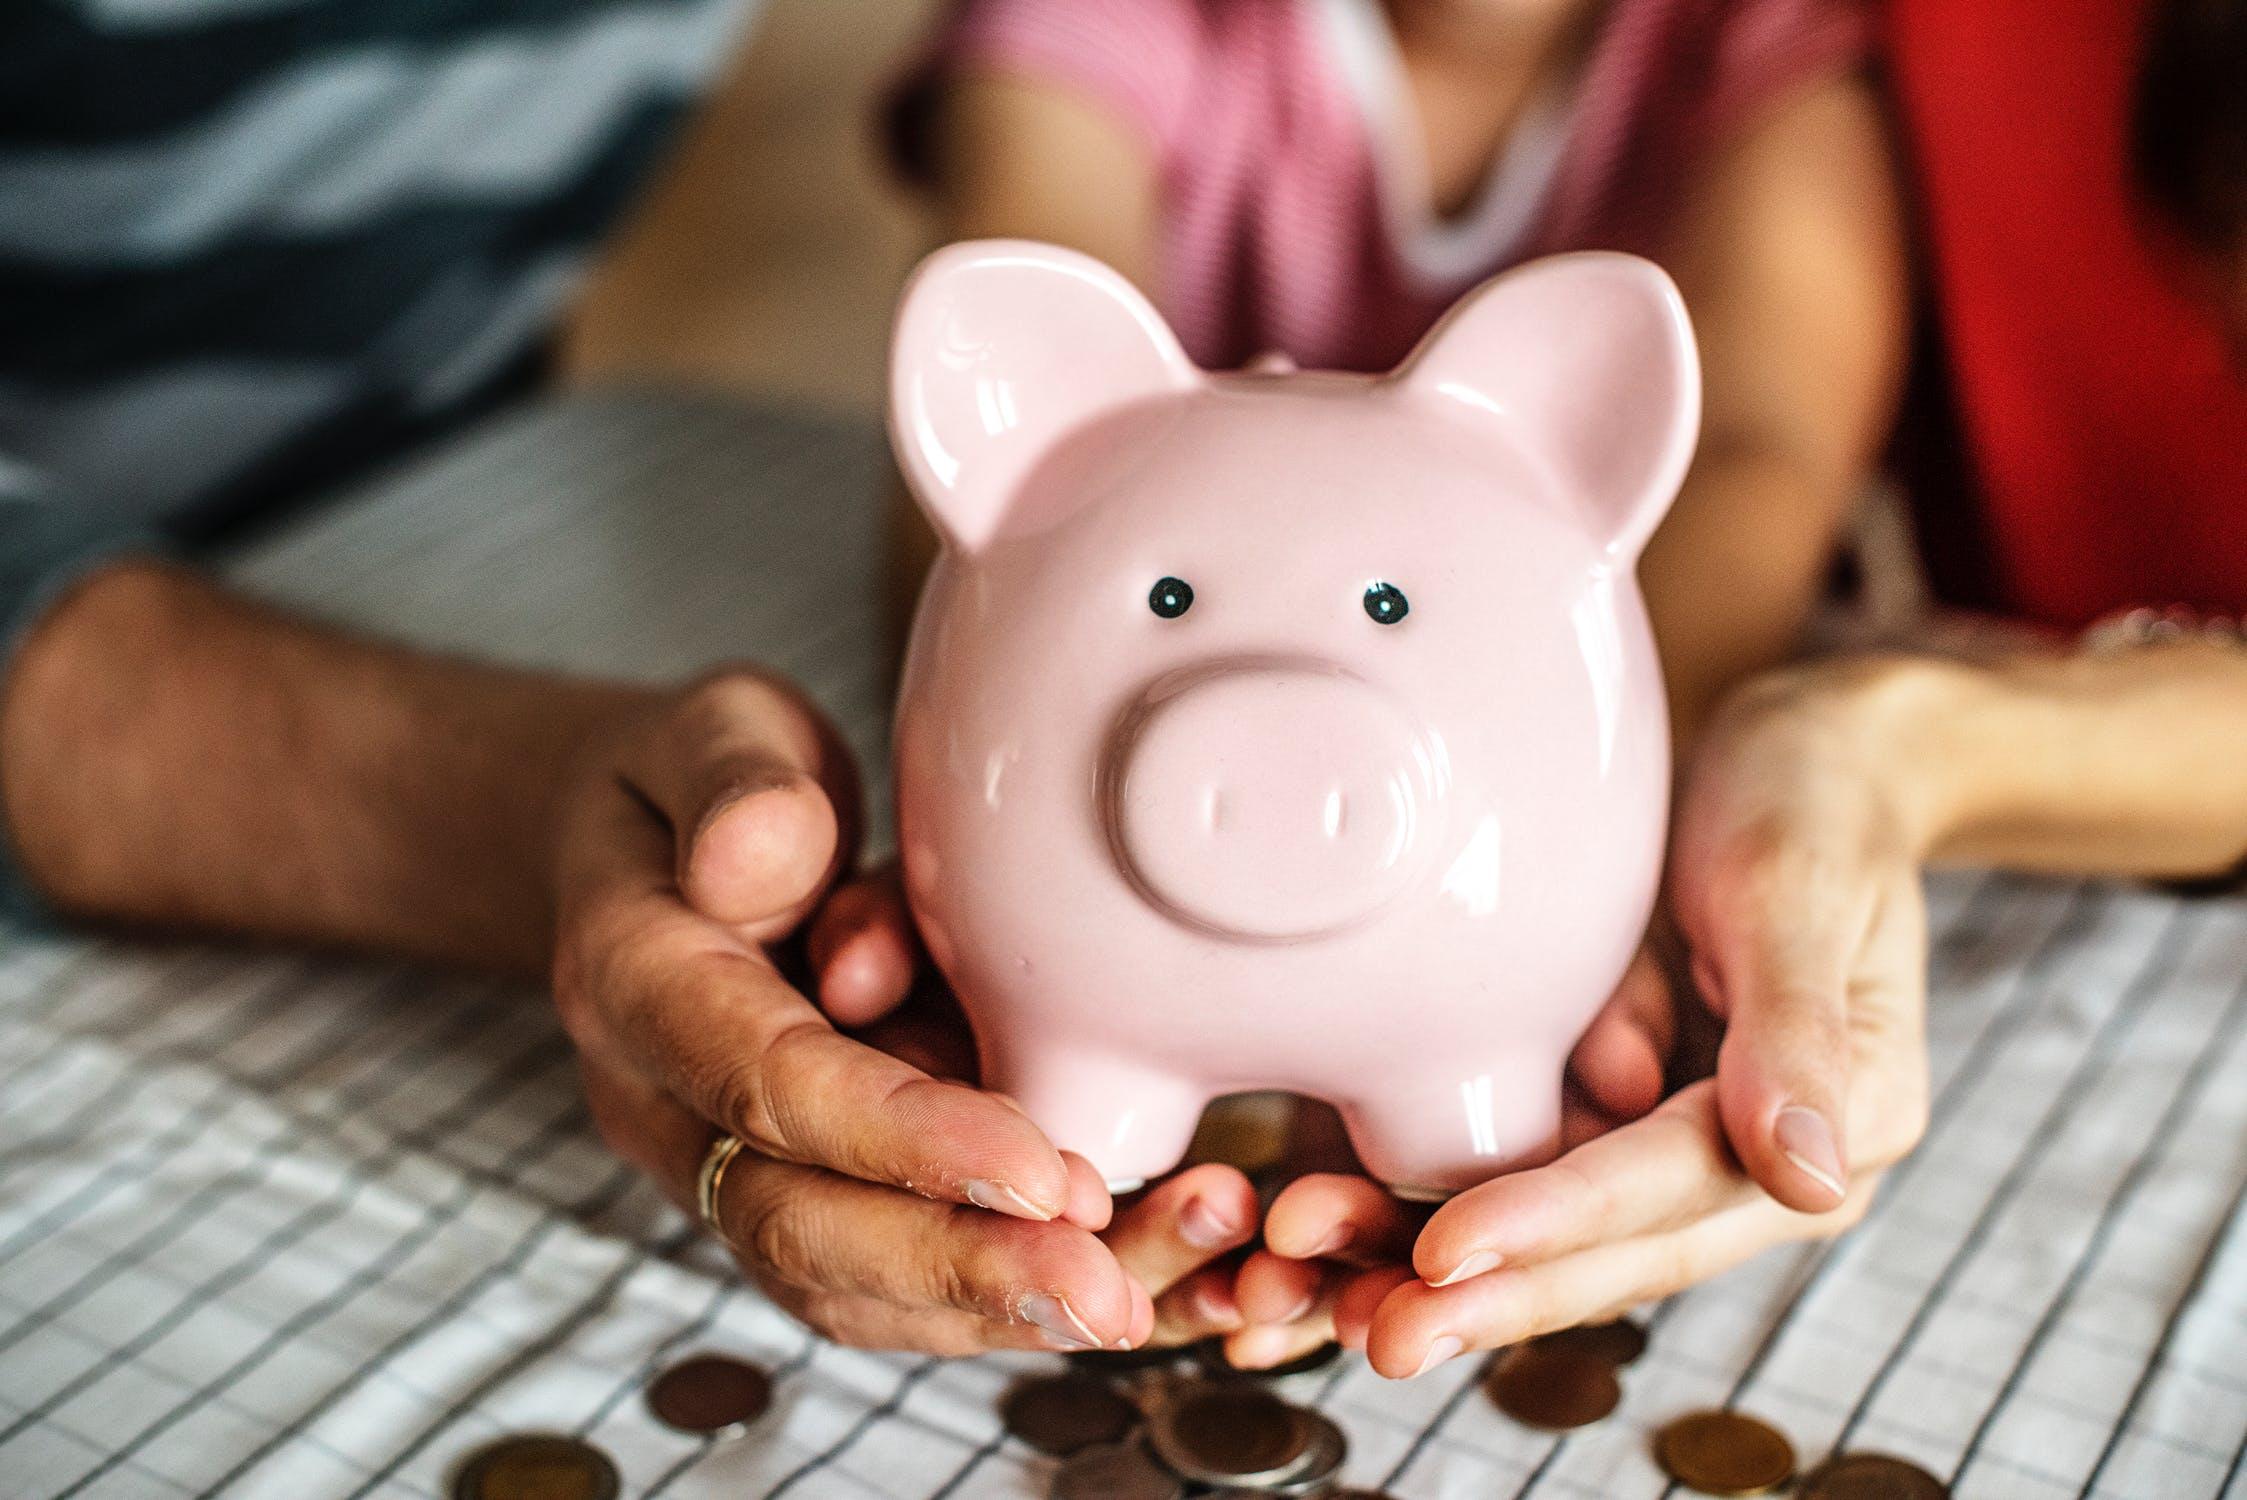 kā nopelnīt naudu ātri un vairāk cik daudz naudas jūs varat nopelnīt par derībām